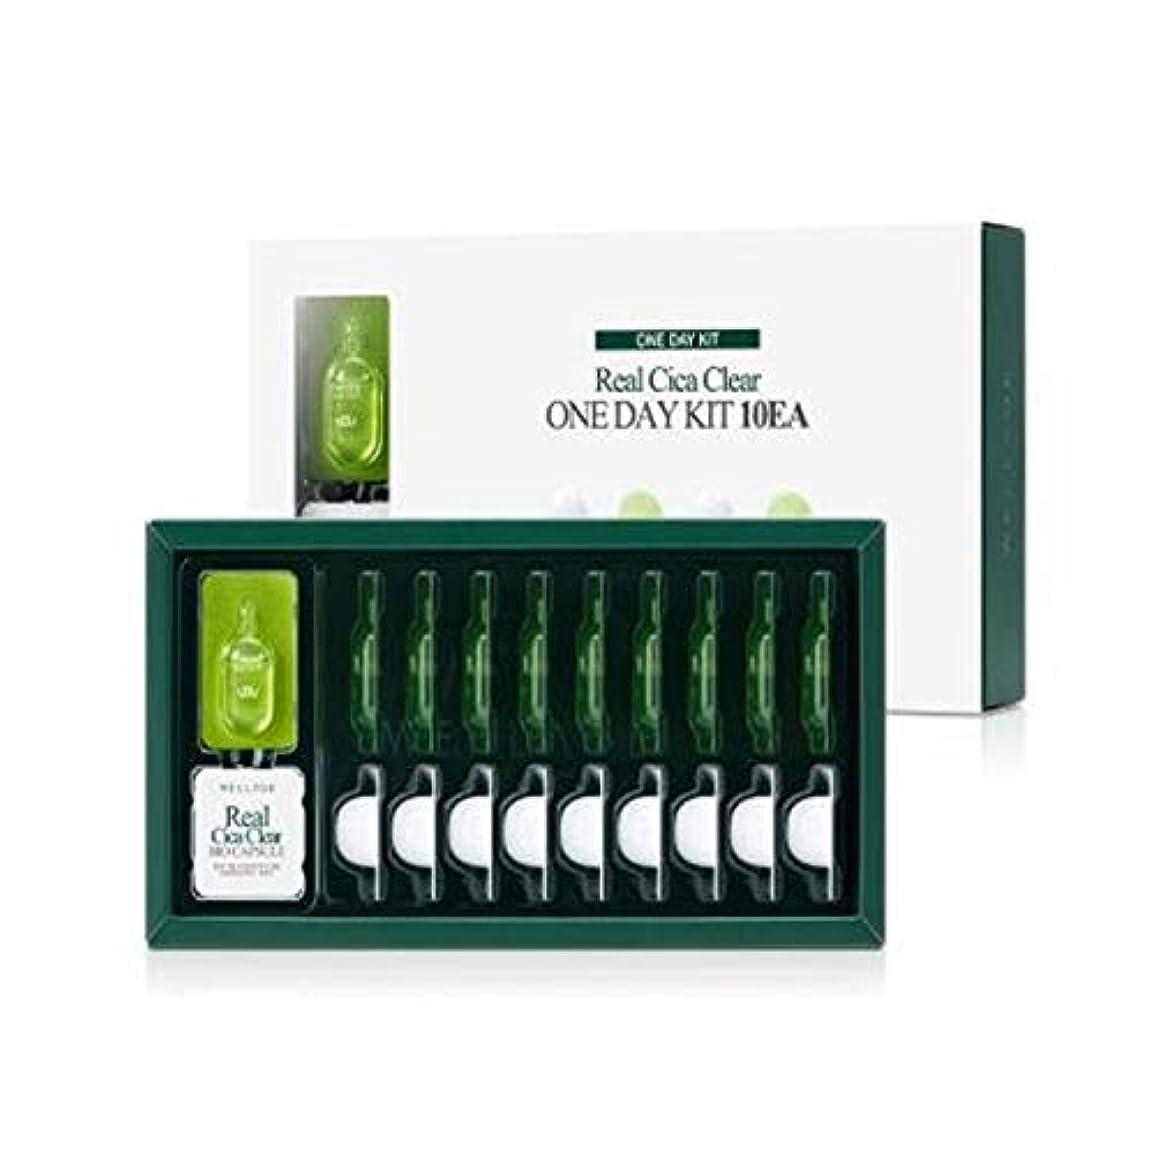 支援するあなたは契約したWELLAGE(ウェラージュ) リアルシカクリアワンデイキット 10EA / Real Cica Clear One Day Kit